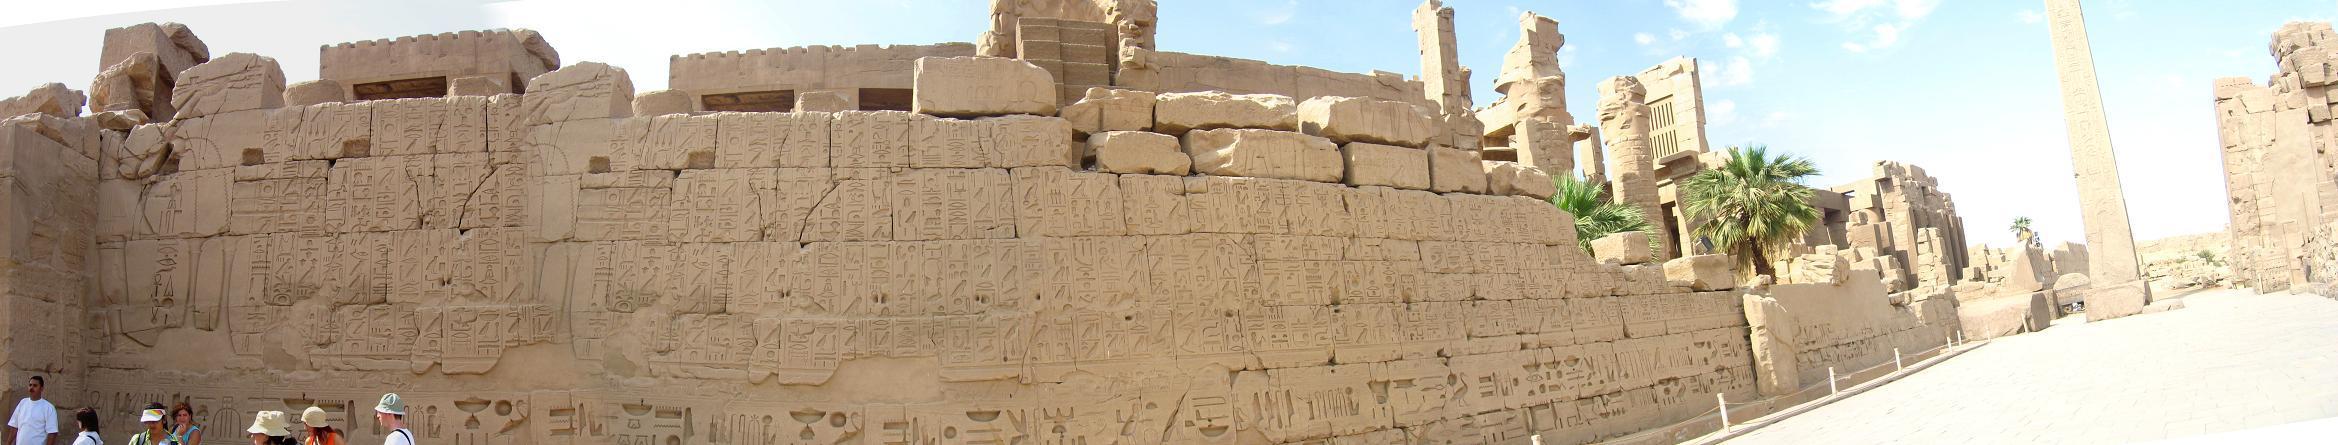 Egypt_luxor1